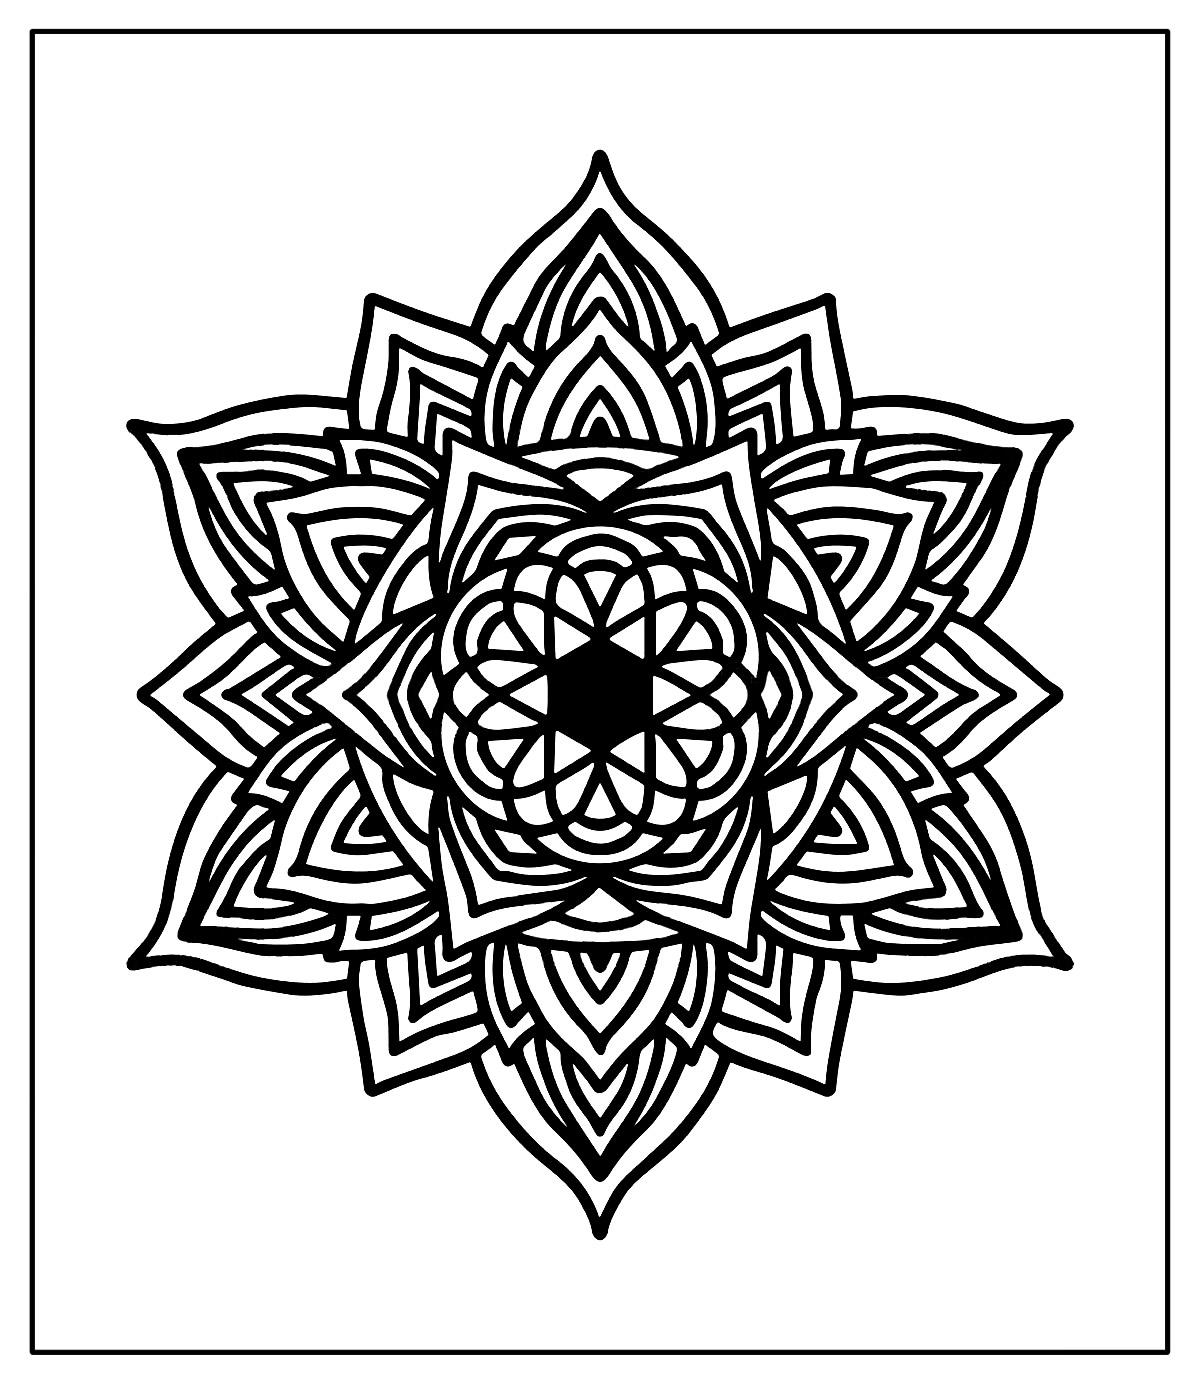 Páginas para colorir de Mandala